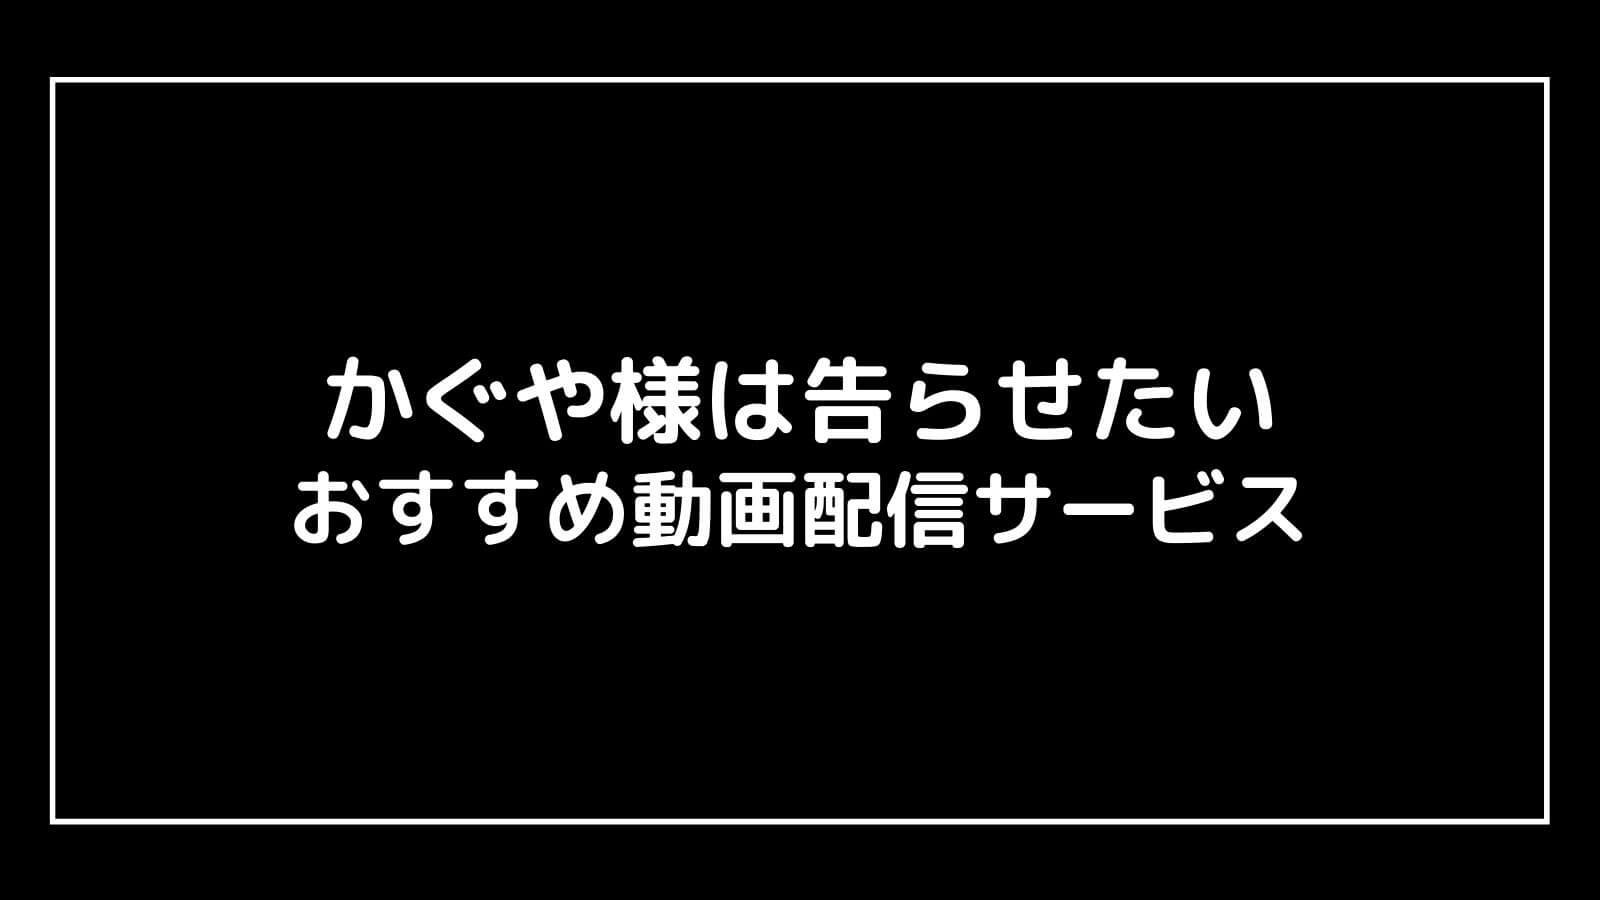 映画『かぐや様は告らせたい』を無料視聴できるおすすめ動画配信サービス